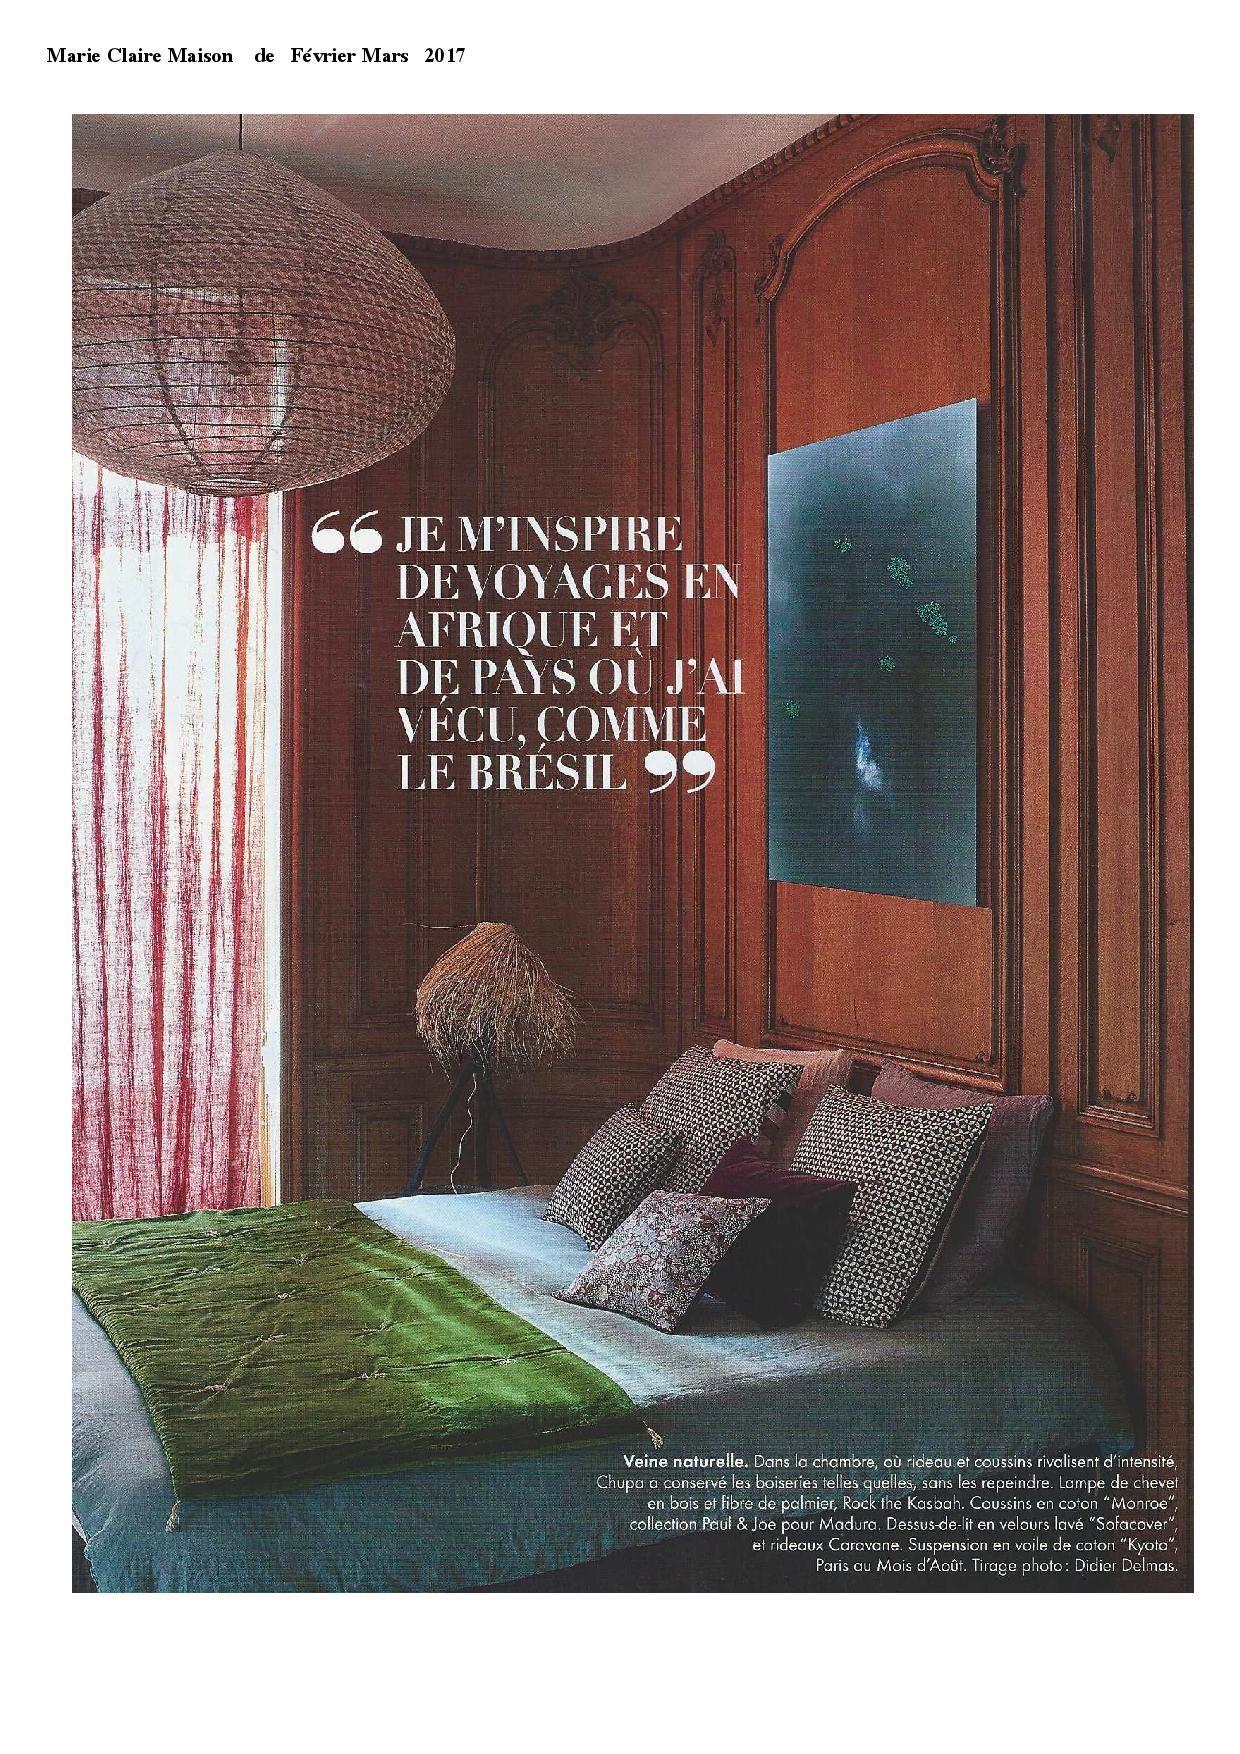 paris au mois daot drop lamp in the french decoration magazine marie claire maison